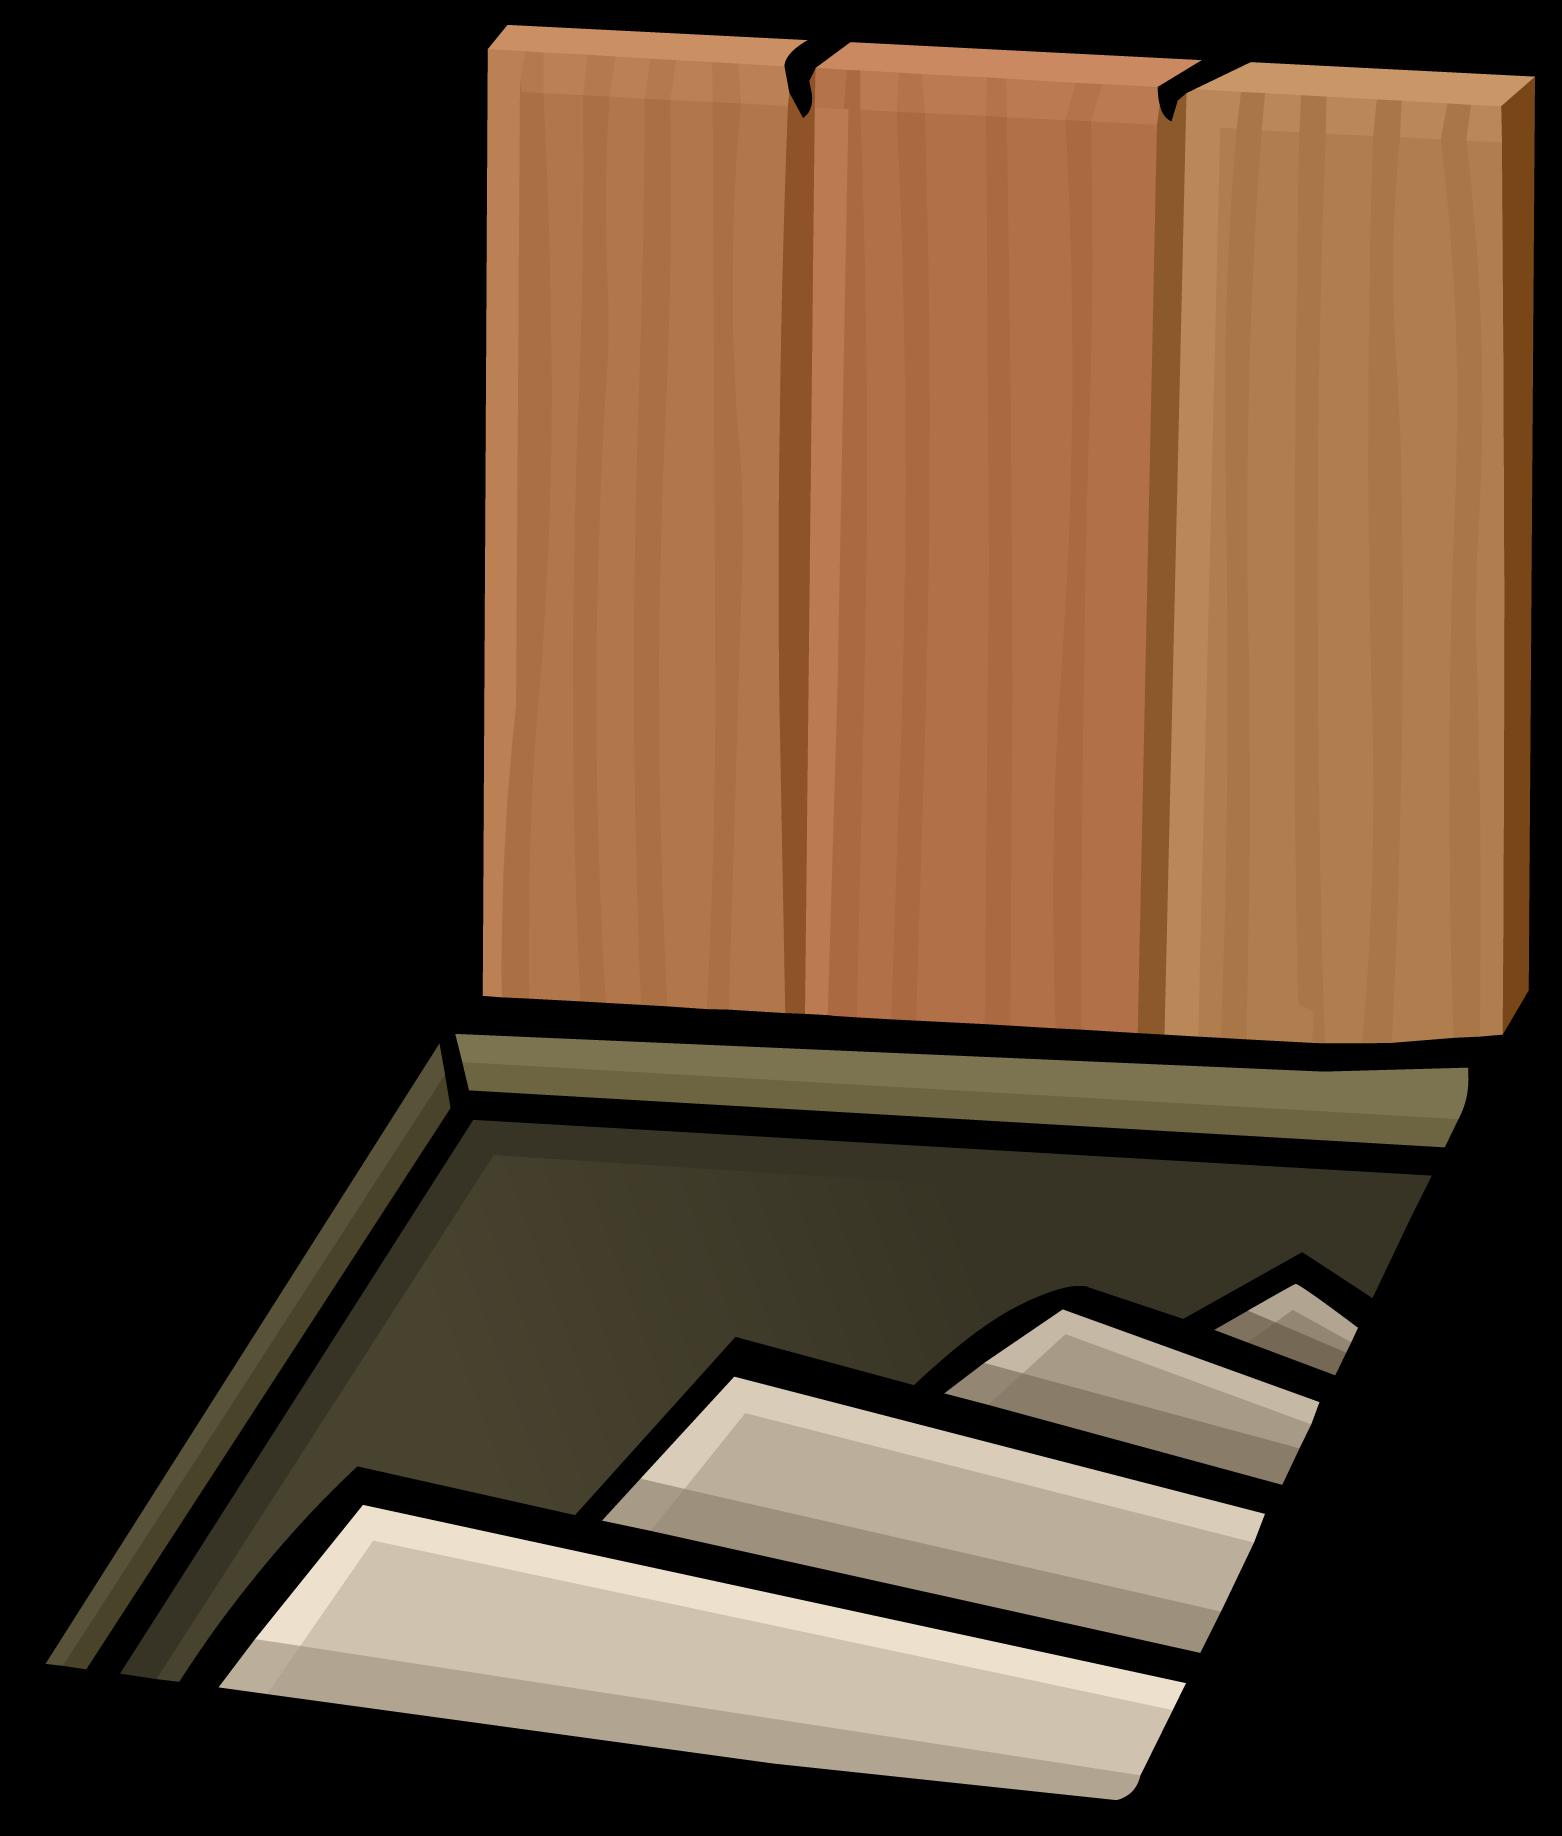 clipart door opening door #69597198